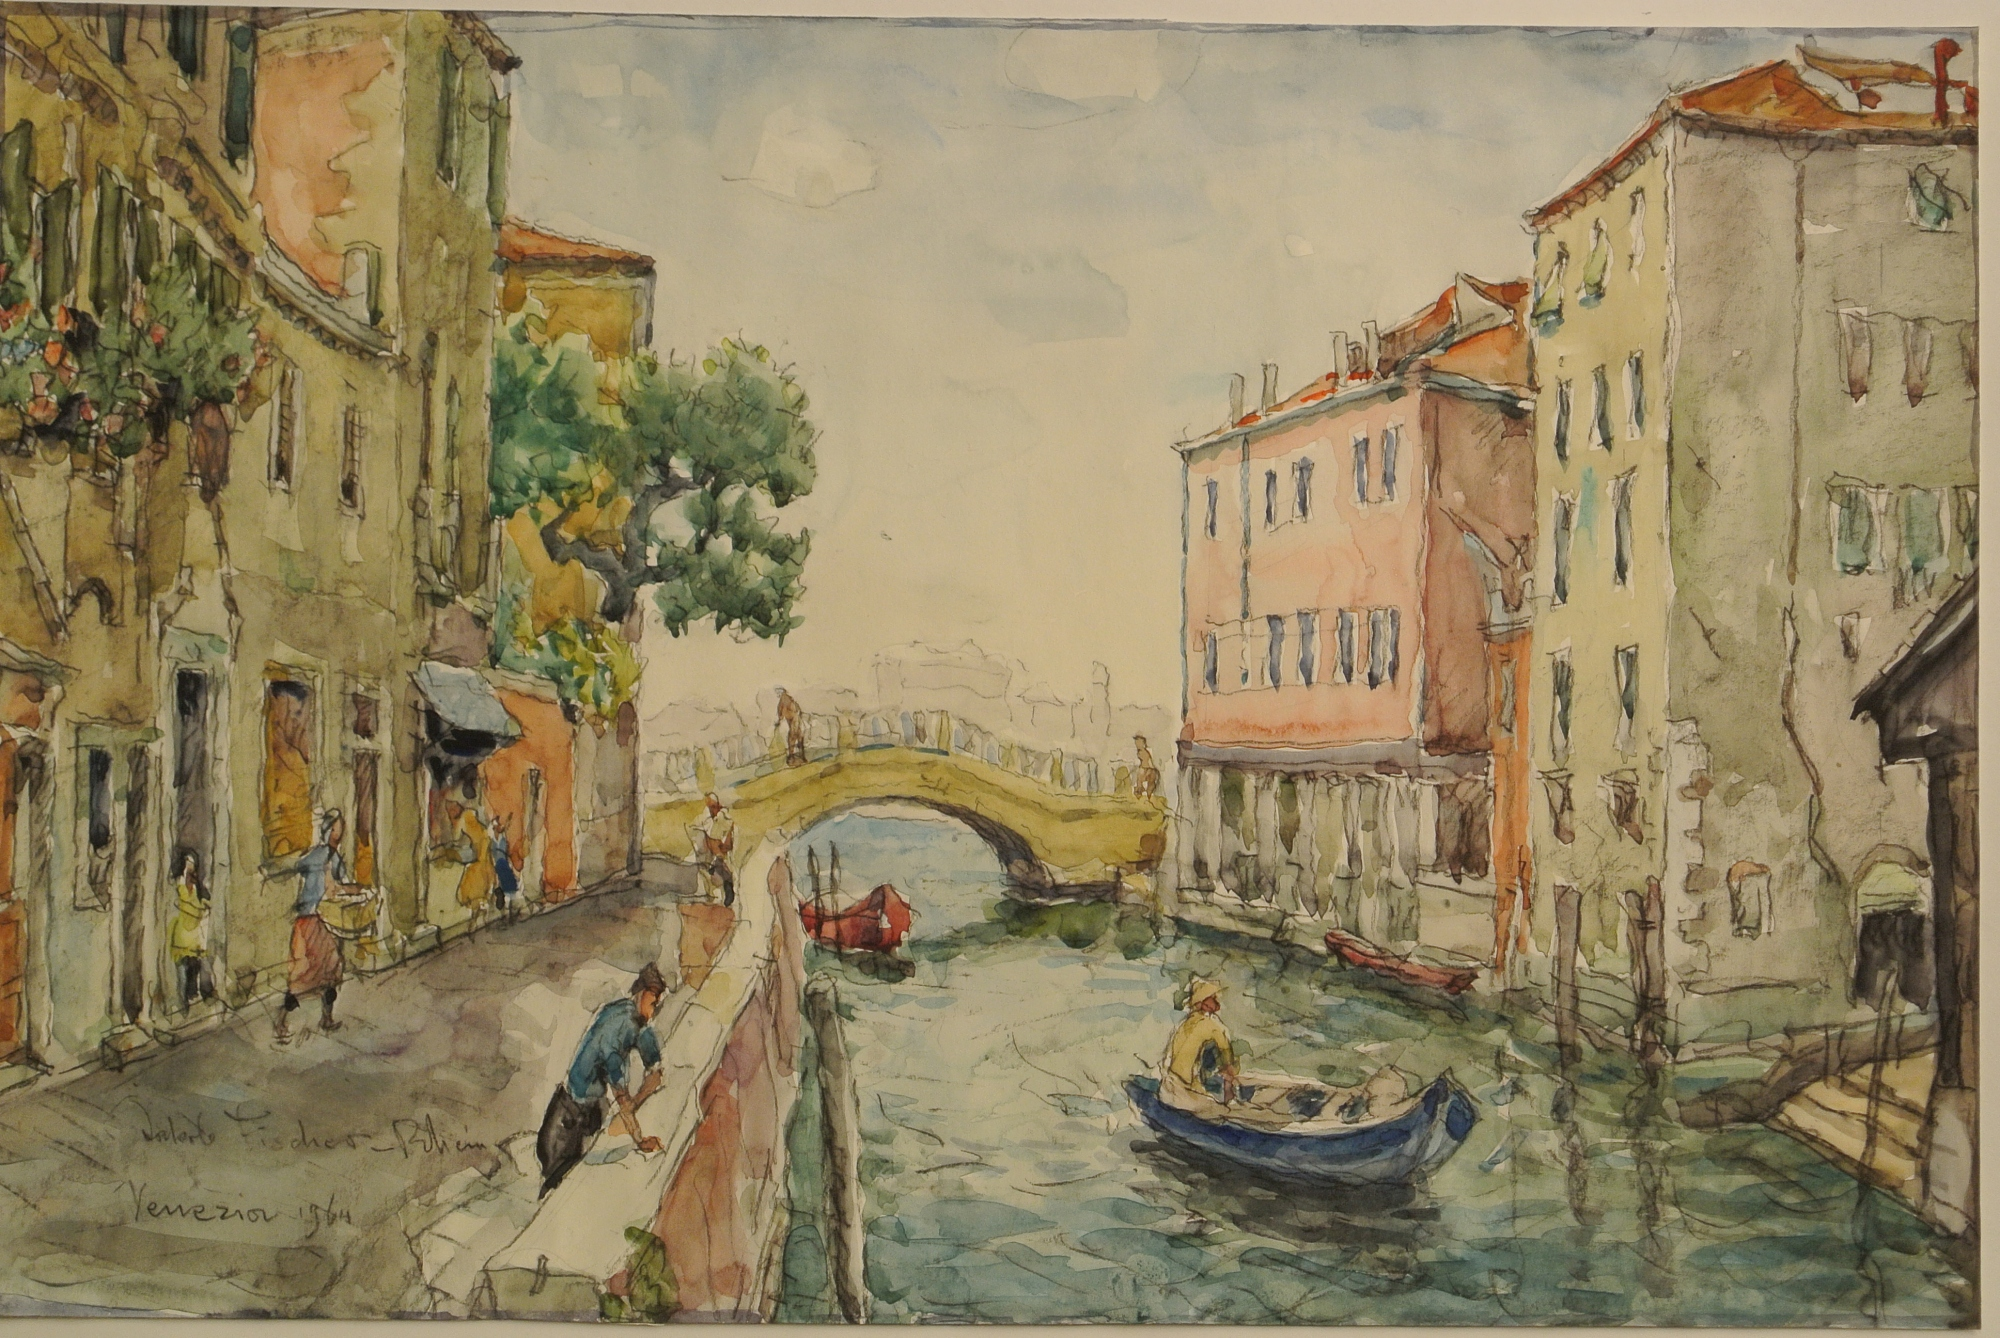 Venedig1964, für vergrößerte Ansicht anklicken!